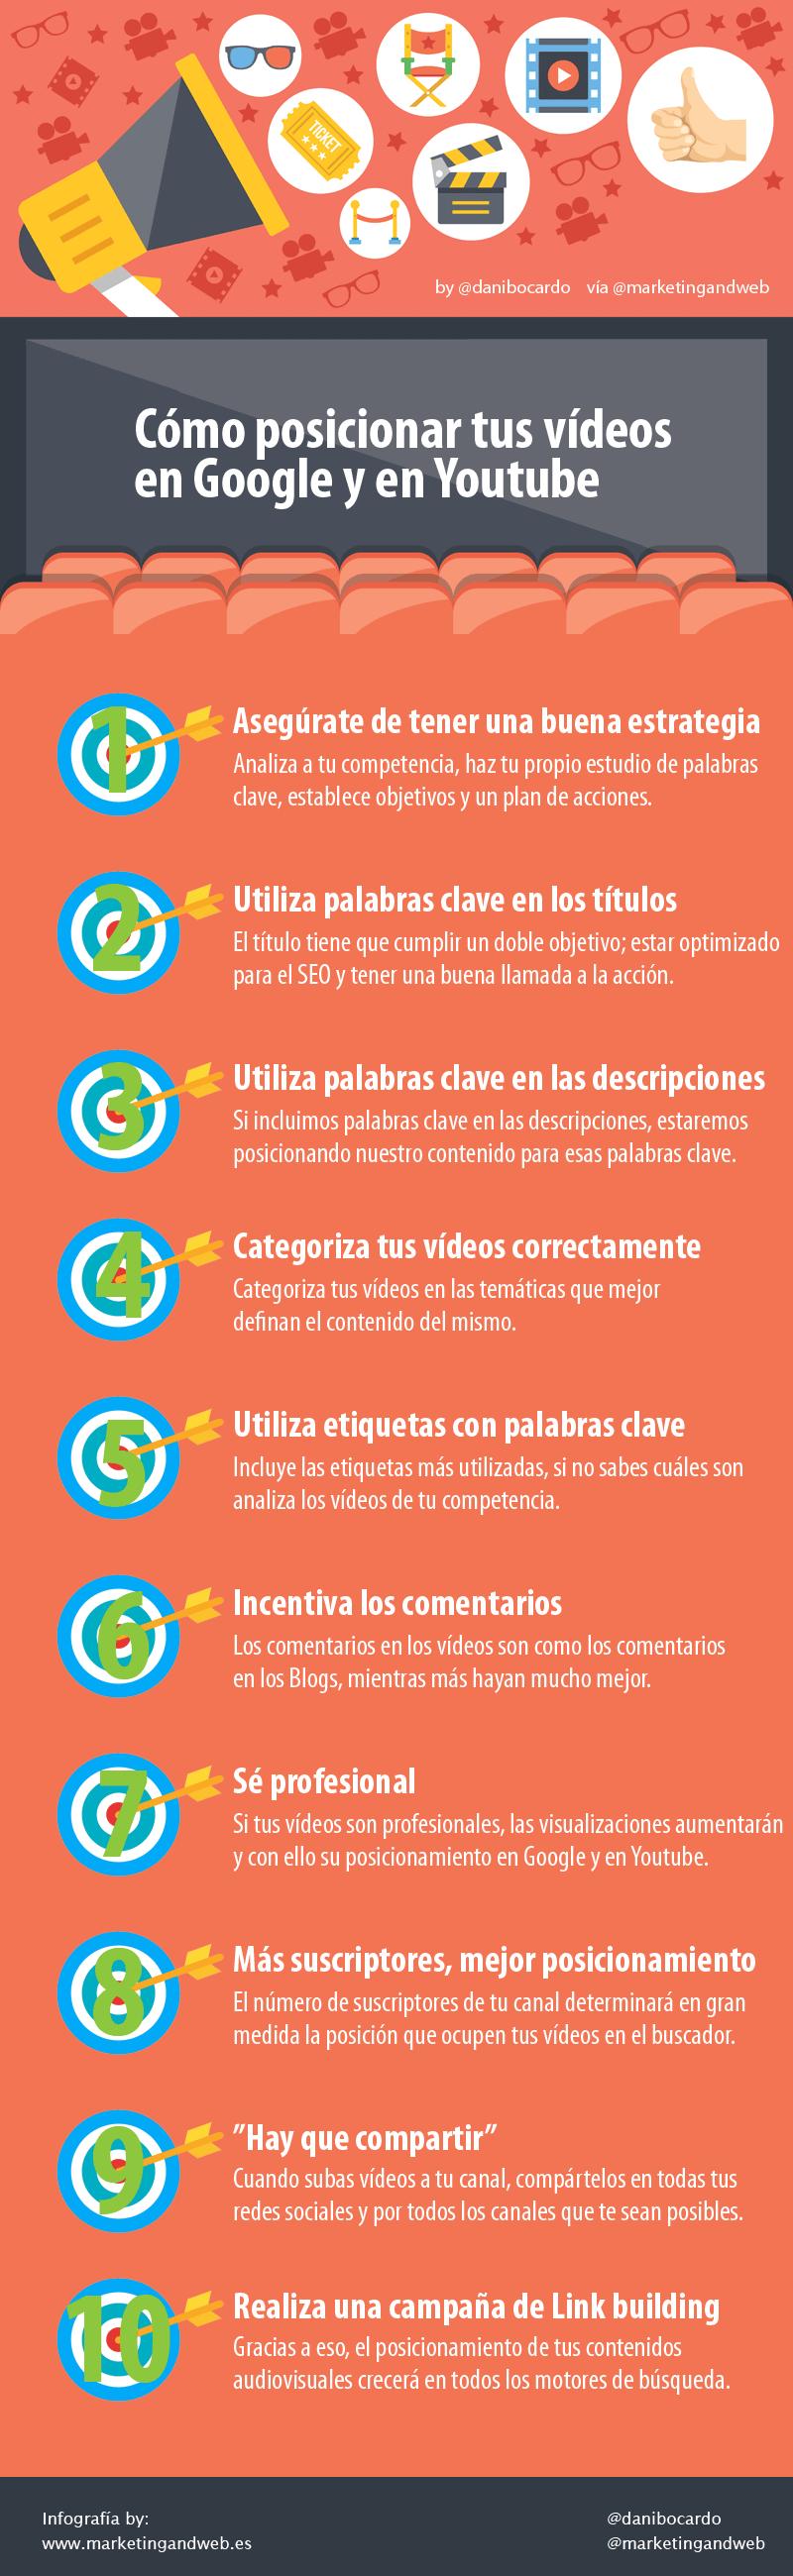 como-posicionar-tus-videos-en-youtube-infografia